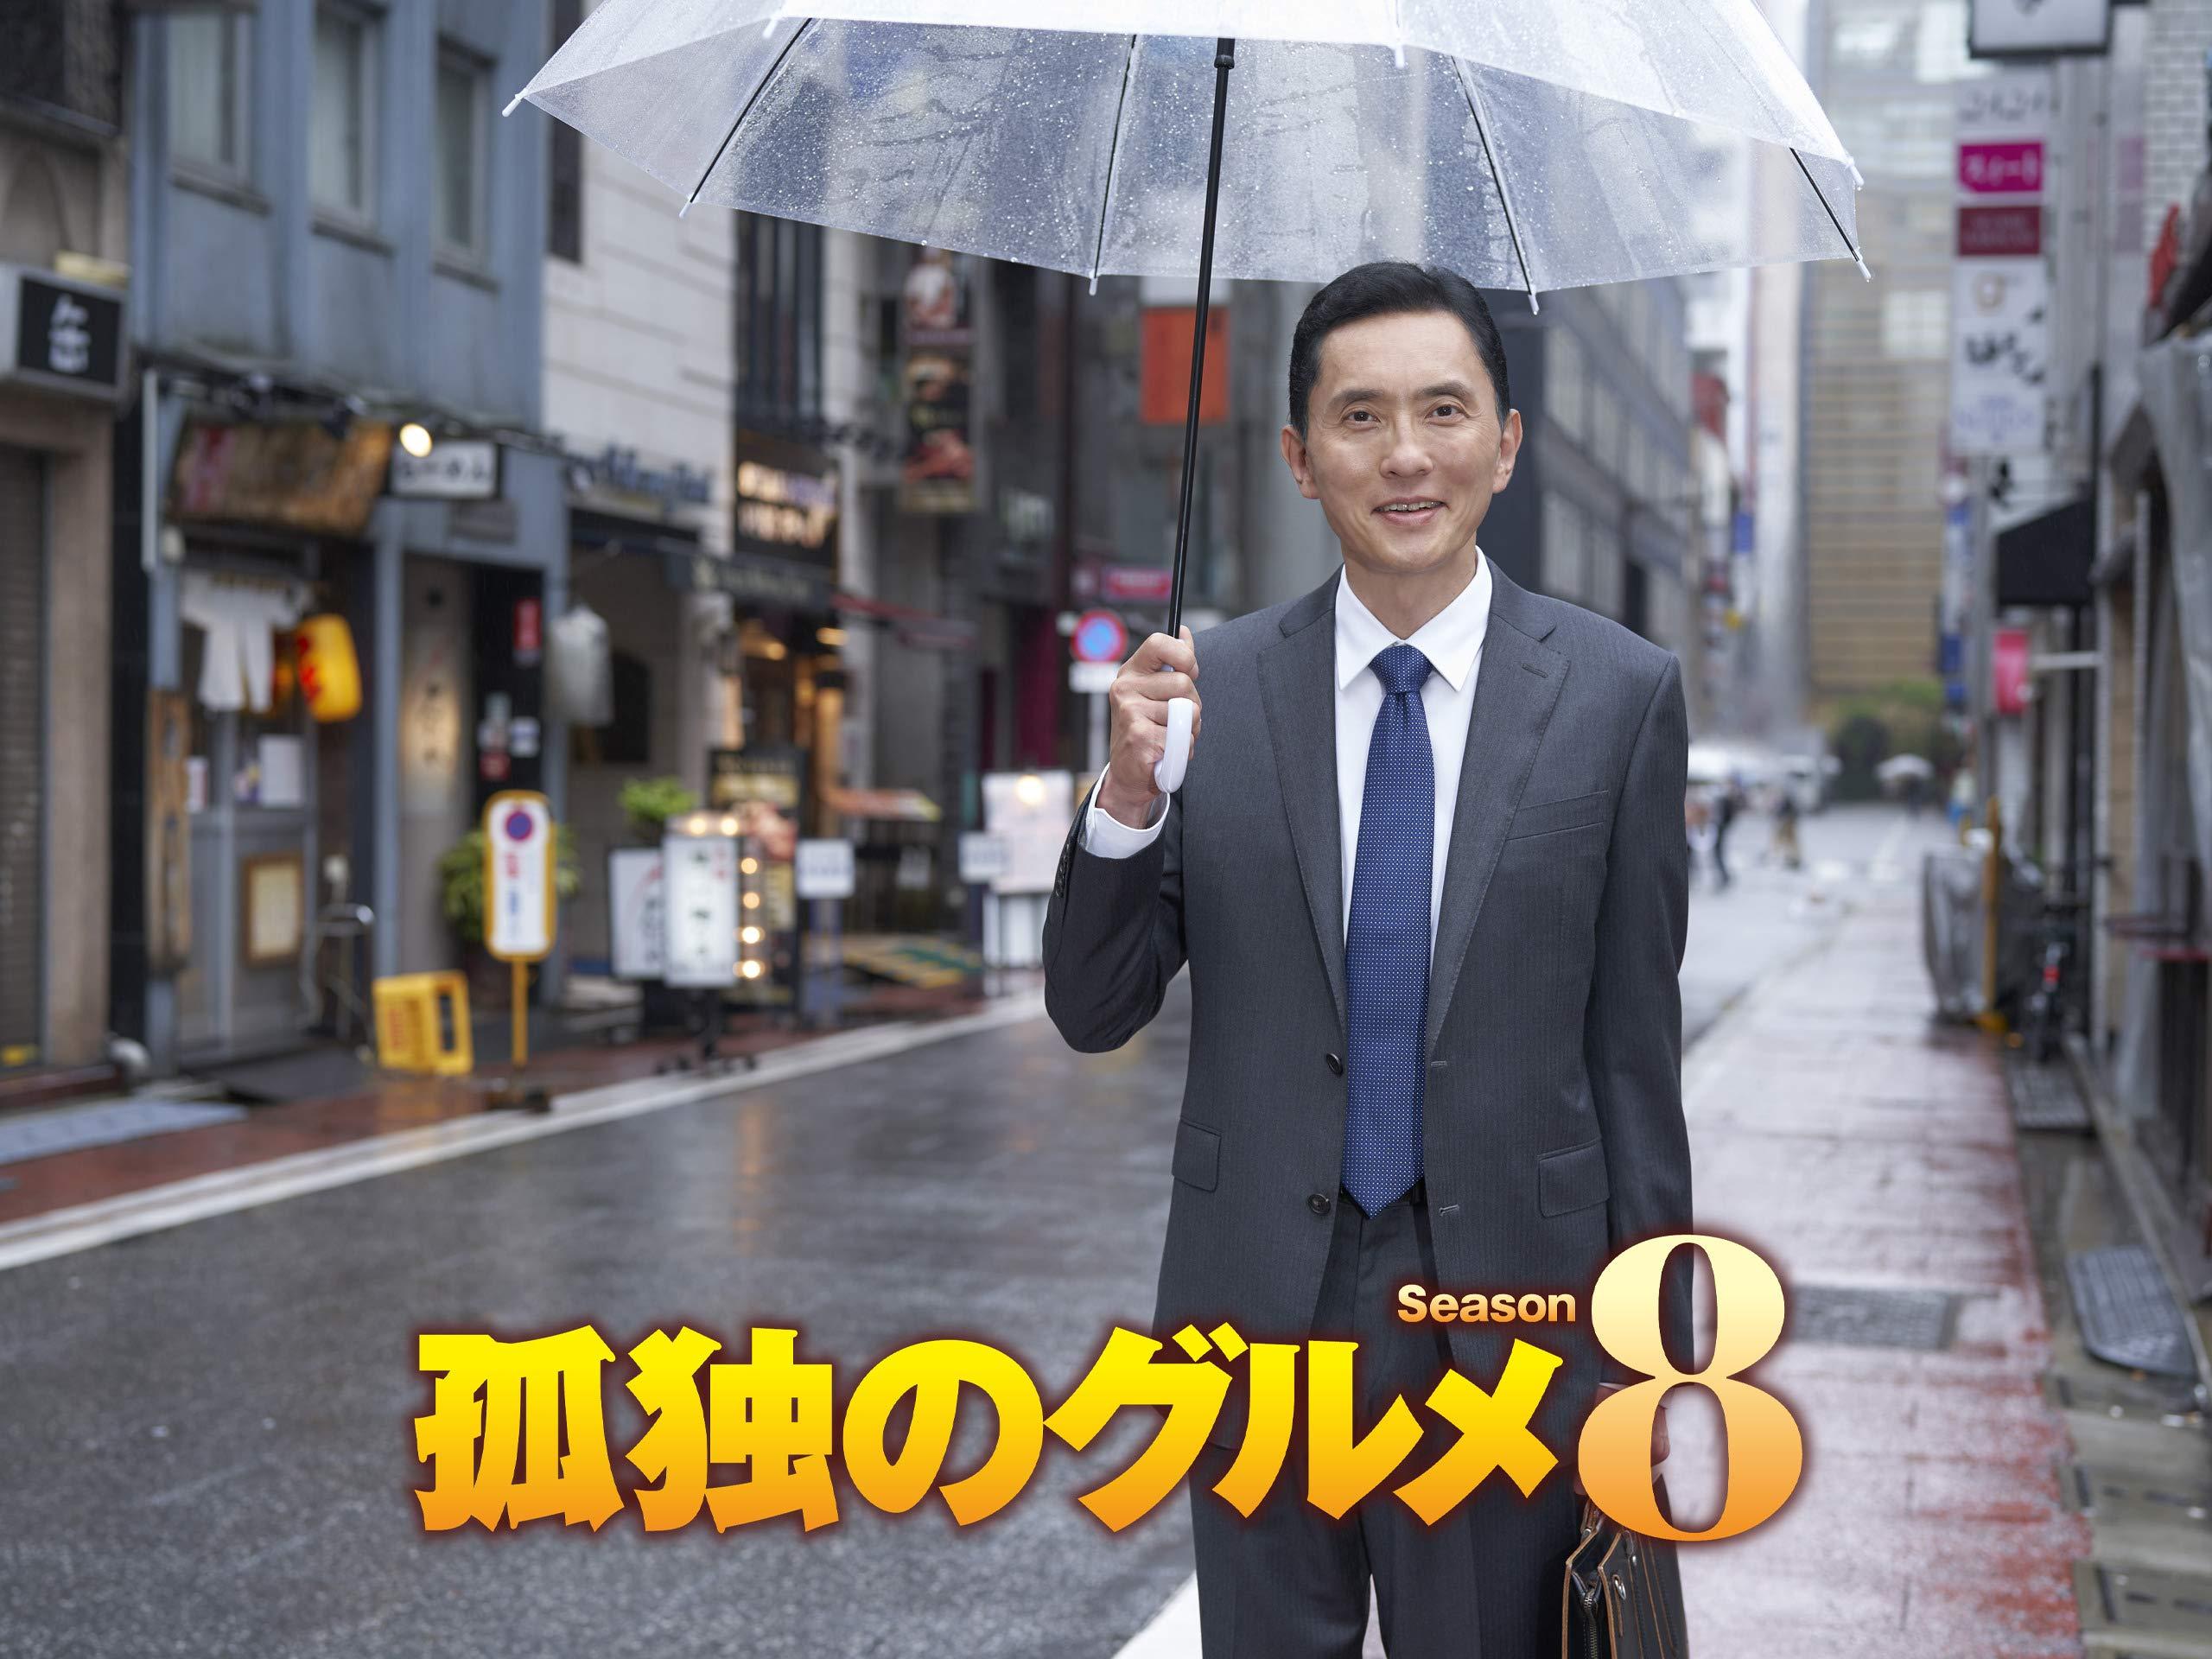 孤独 の グルメ season8 ドラマ24 孤独のグルメ Season8|主演:松重豊|テレビ東京